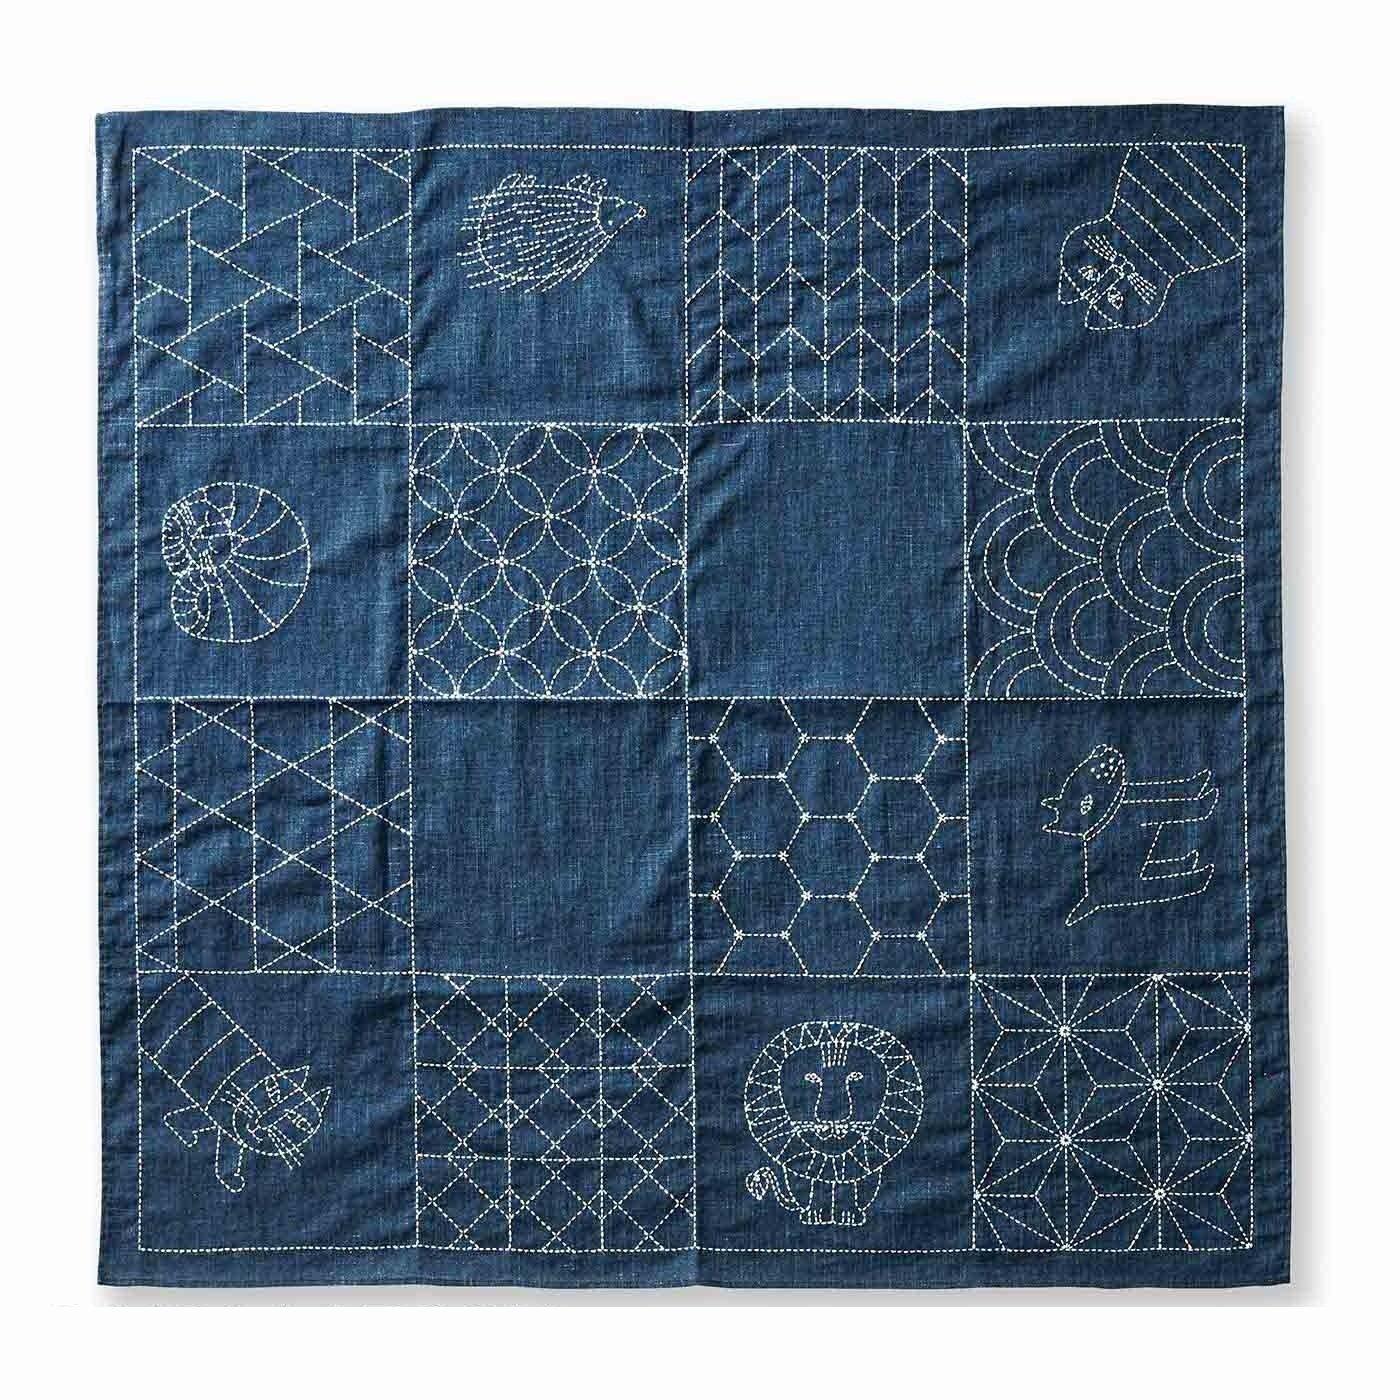 クチュリエ×リサ・ラーソン 縫製済みがうれしい ちくちく刺し子の大判風呂敷(紺)